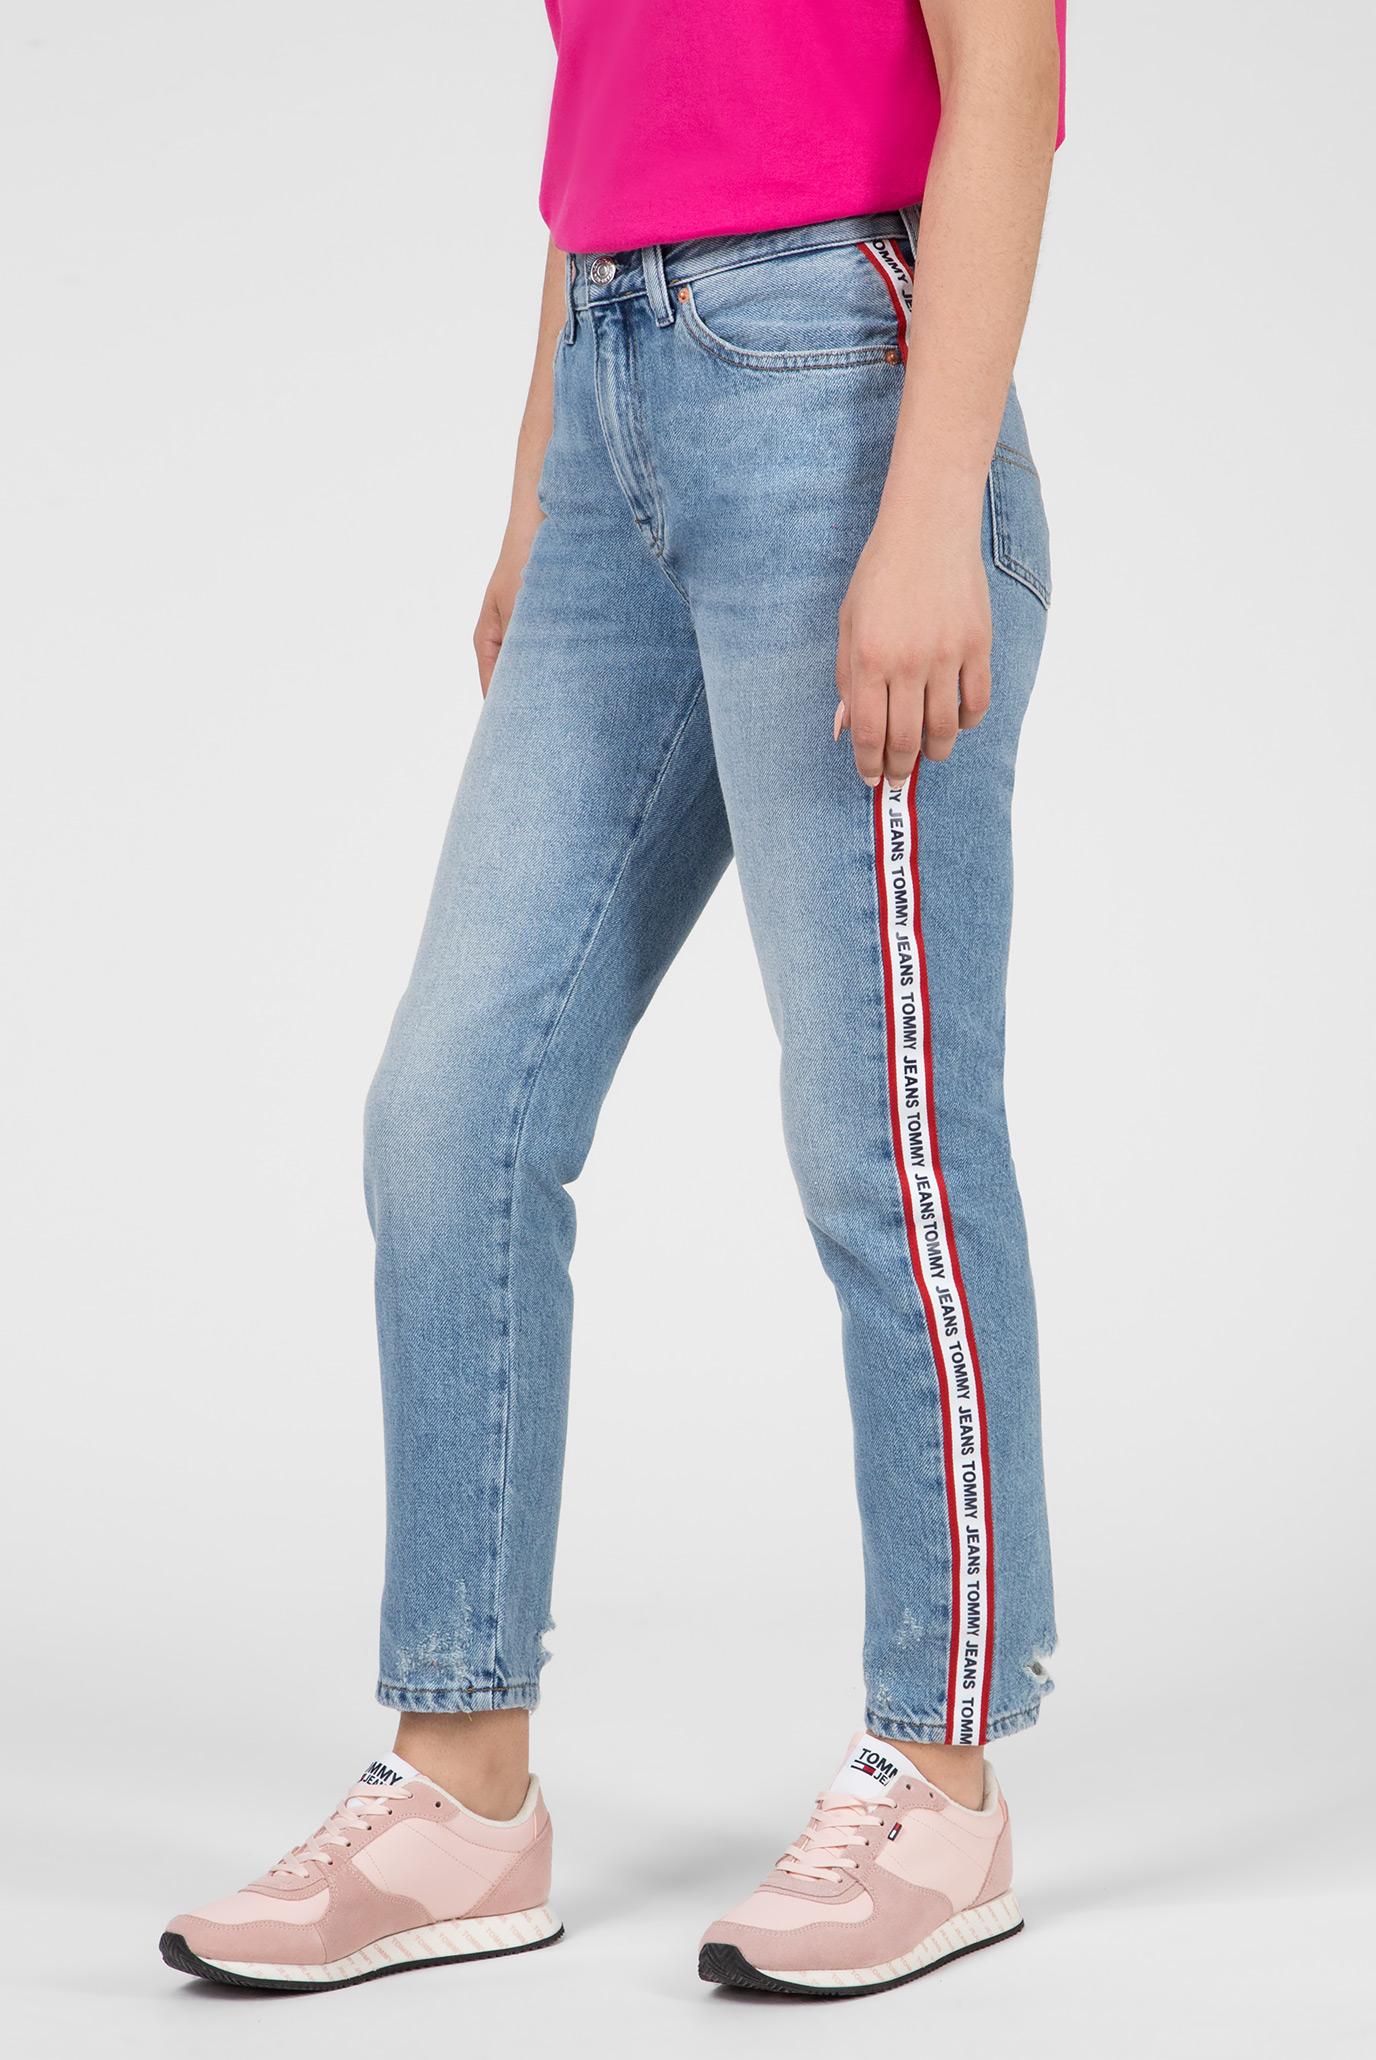 Купить Женские голубые джинсы HIGH RISE SLIM IZZY Tommy Hilfiger Tommy Hilfiger DW0DW05901 – Киев, Украина. Цены в интернет магазине MD Fashion